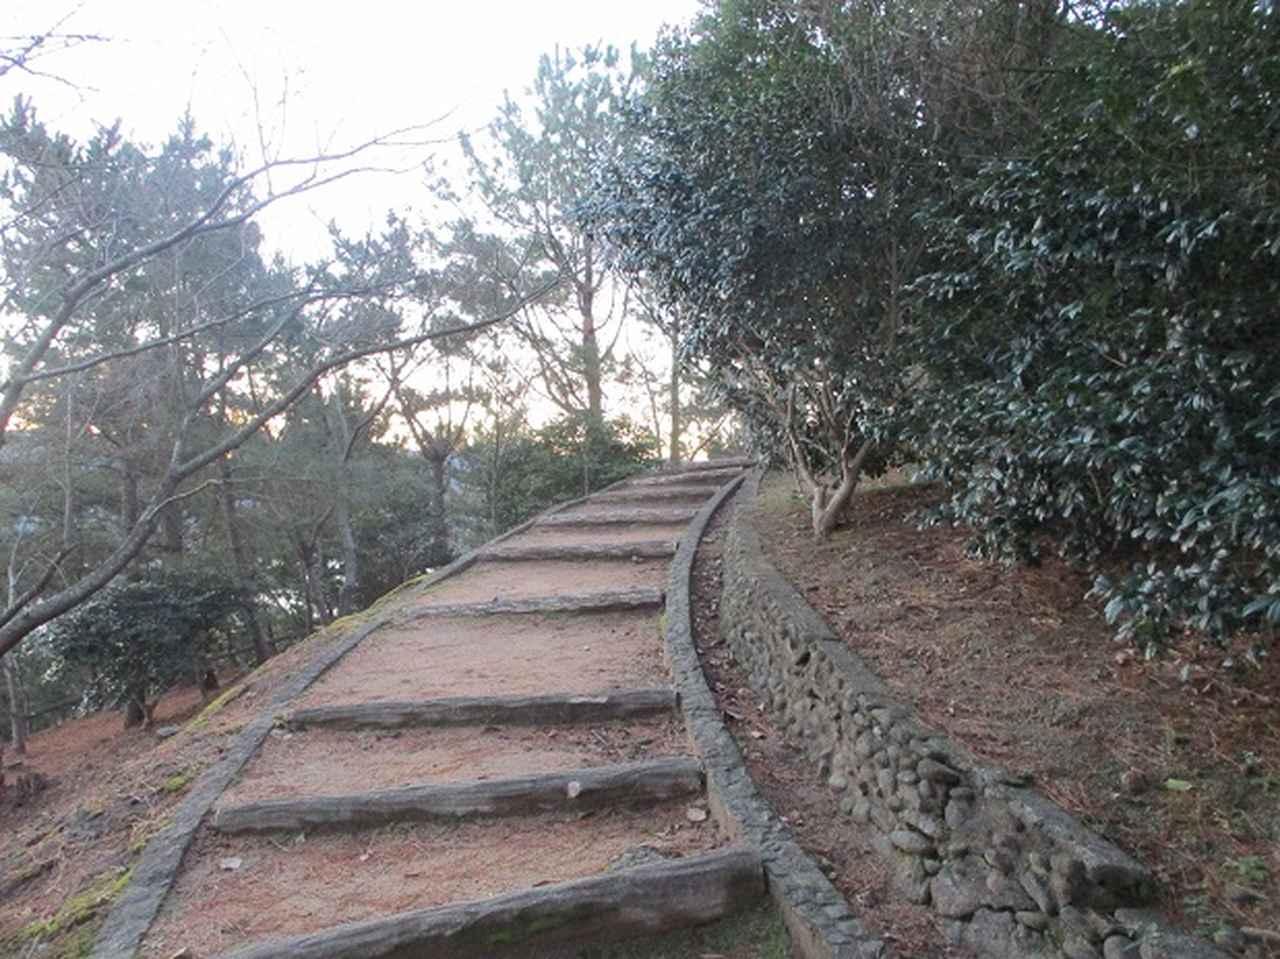 画像2: 1月の山旅会 「宮島弥山・秋吉台龍護峰・萩笠山」 の下見にいってまいりました!